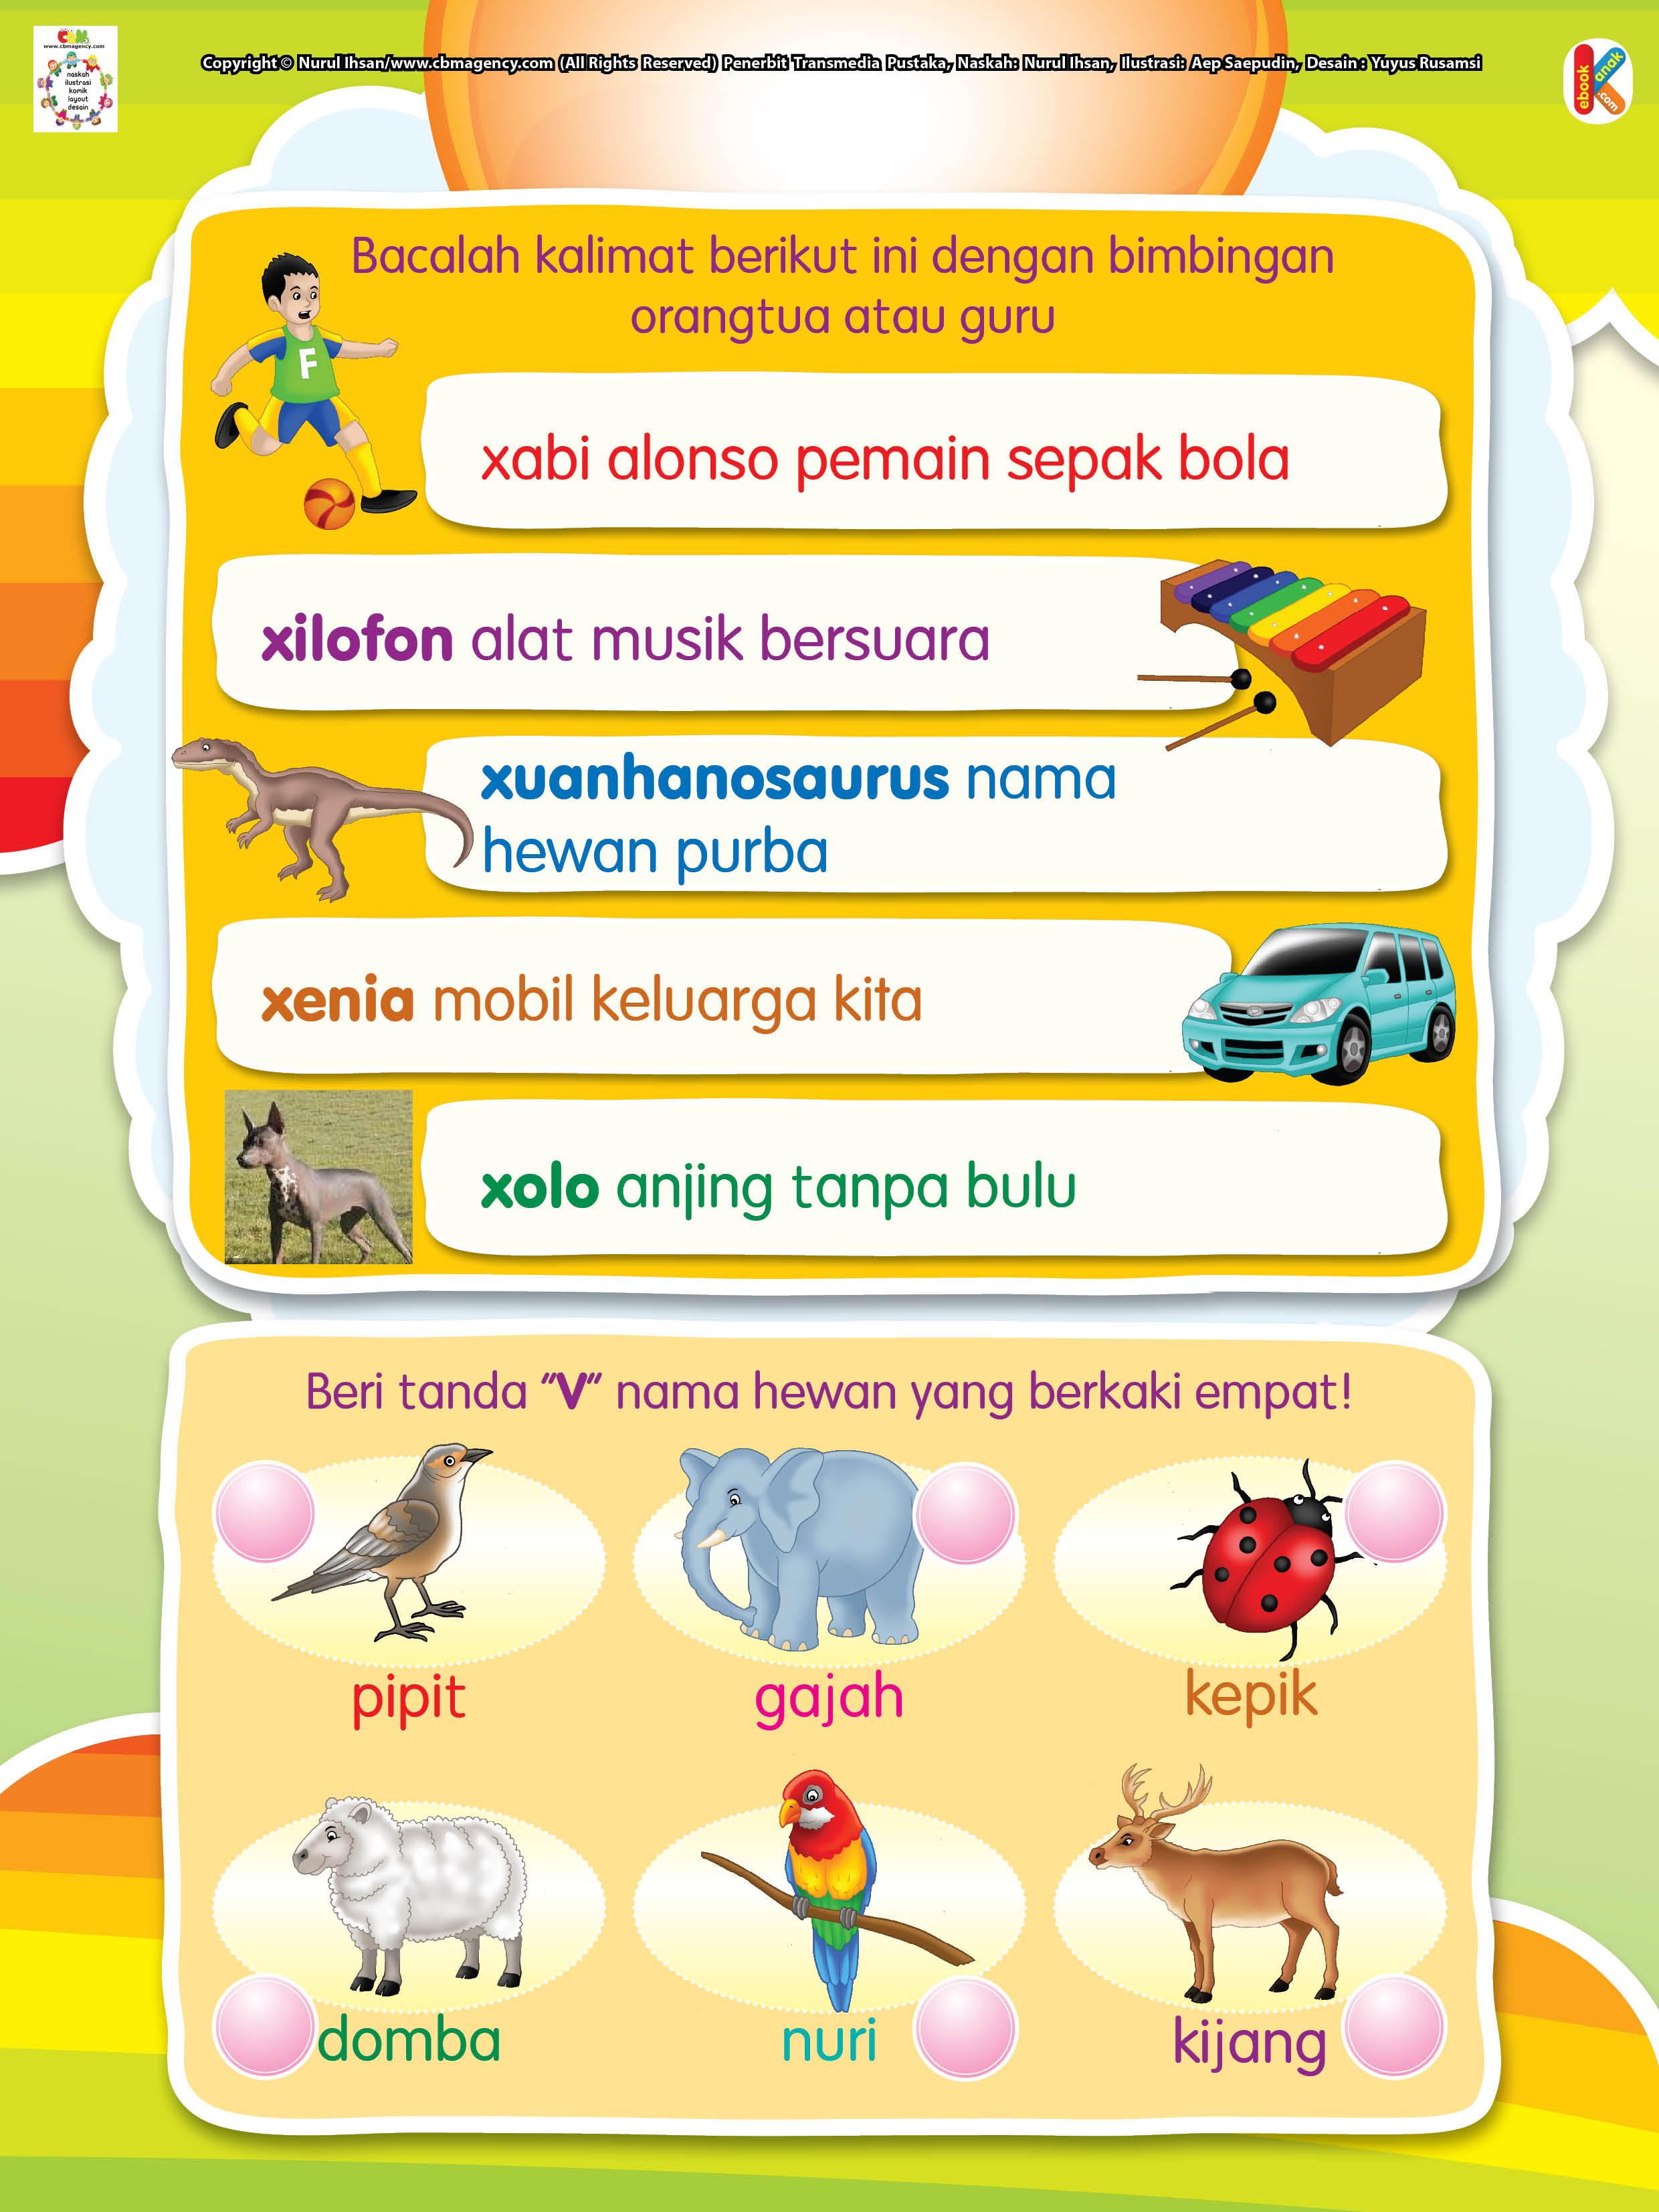 membaca kata awalan X dan menandai hewan berkaki 4